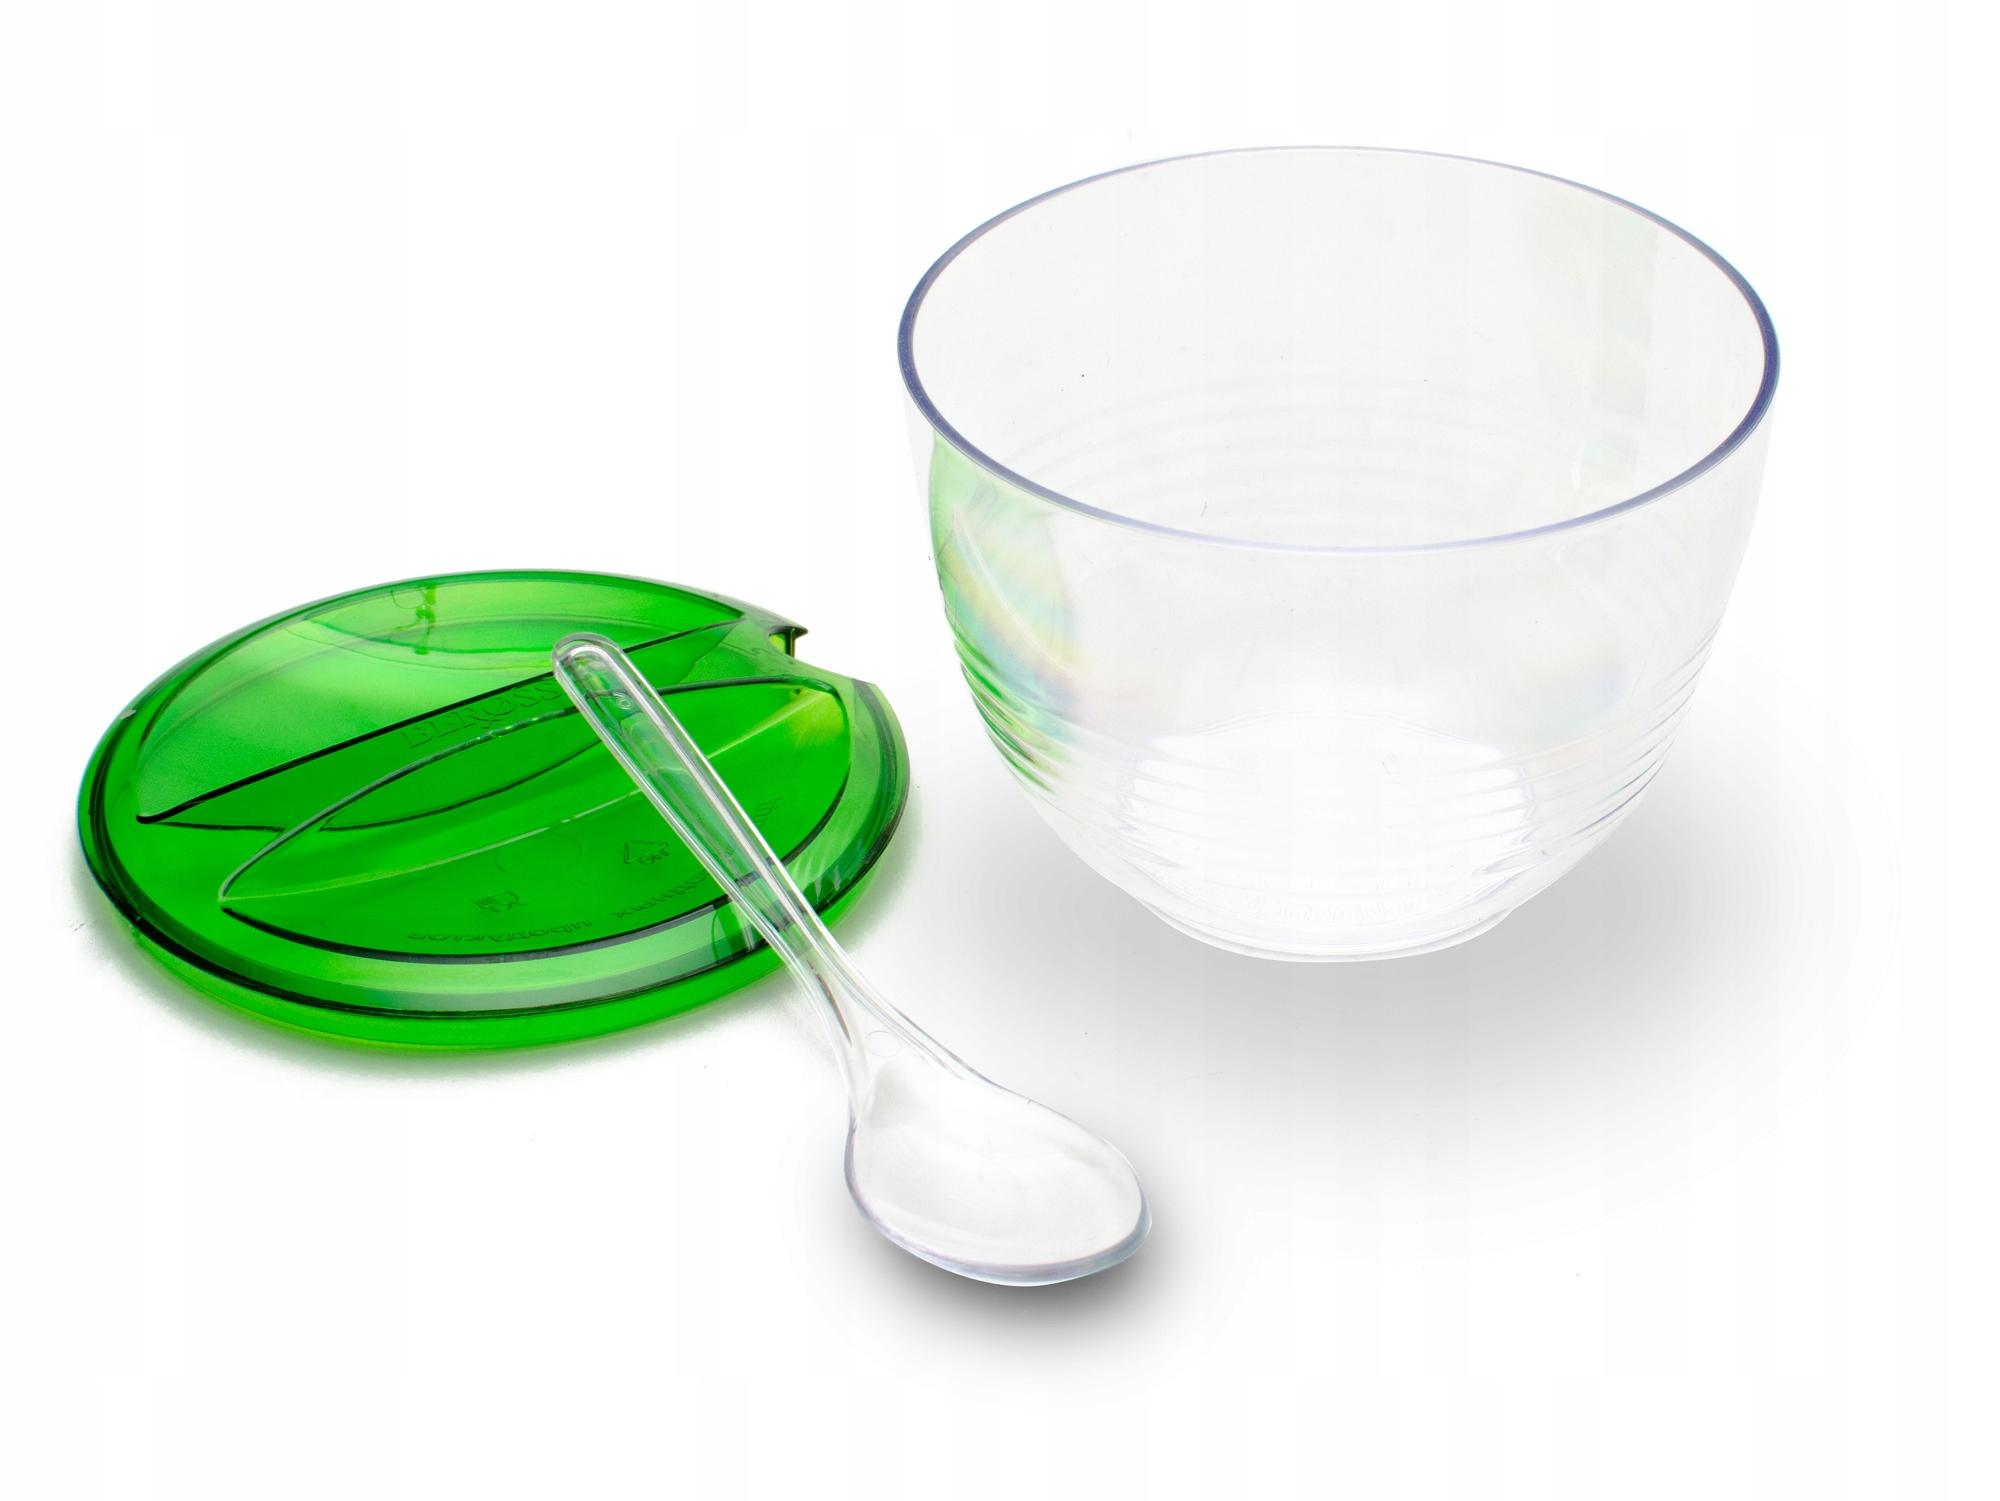 Cukrársky cukor s lyžičkou a krytom